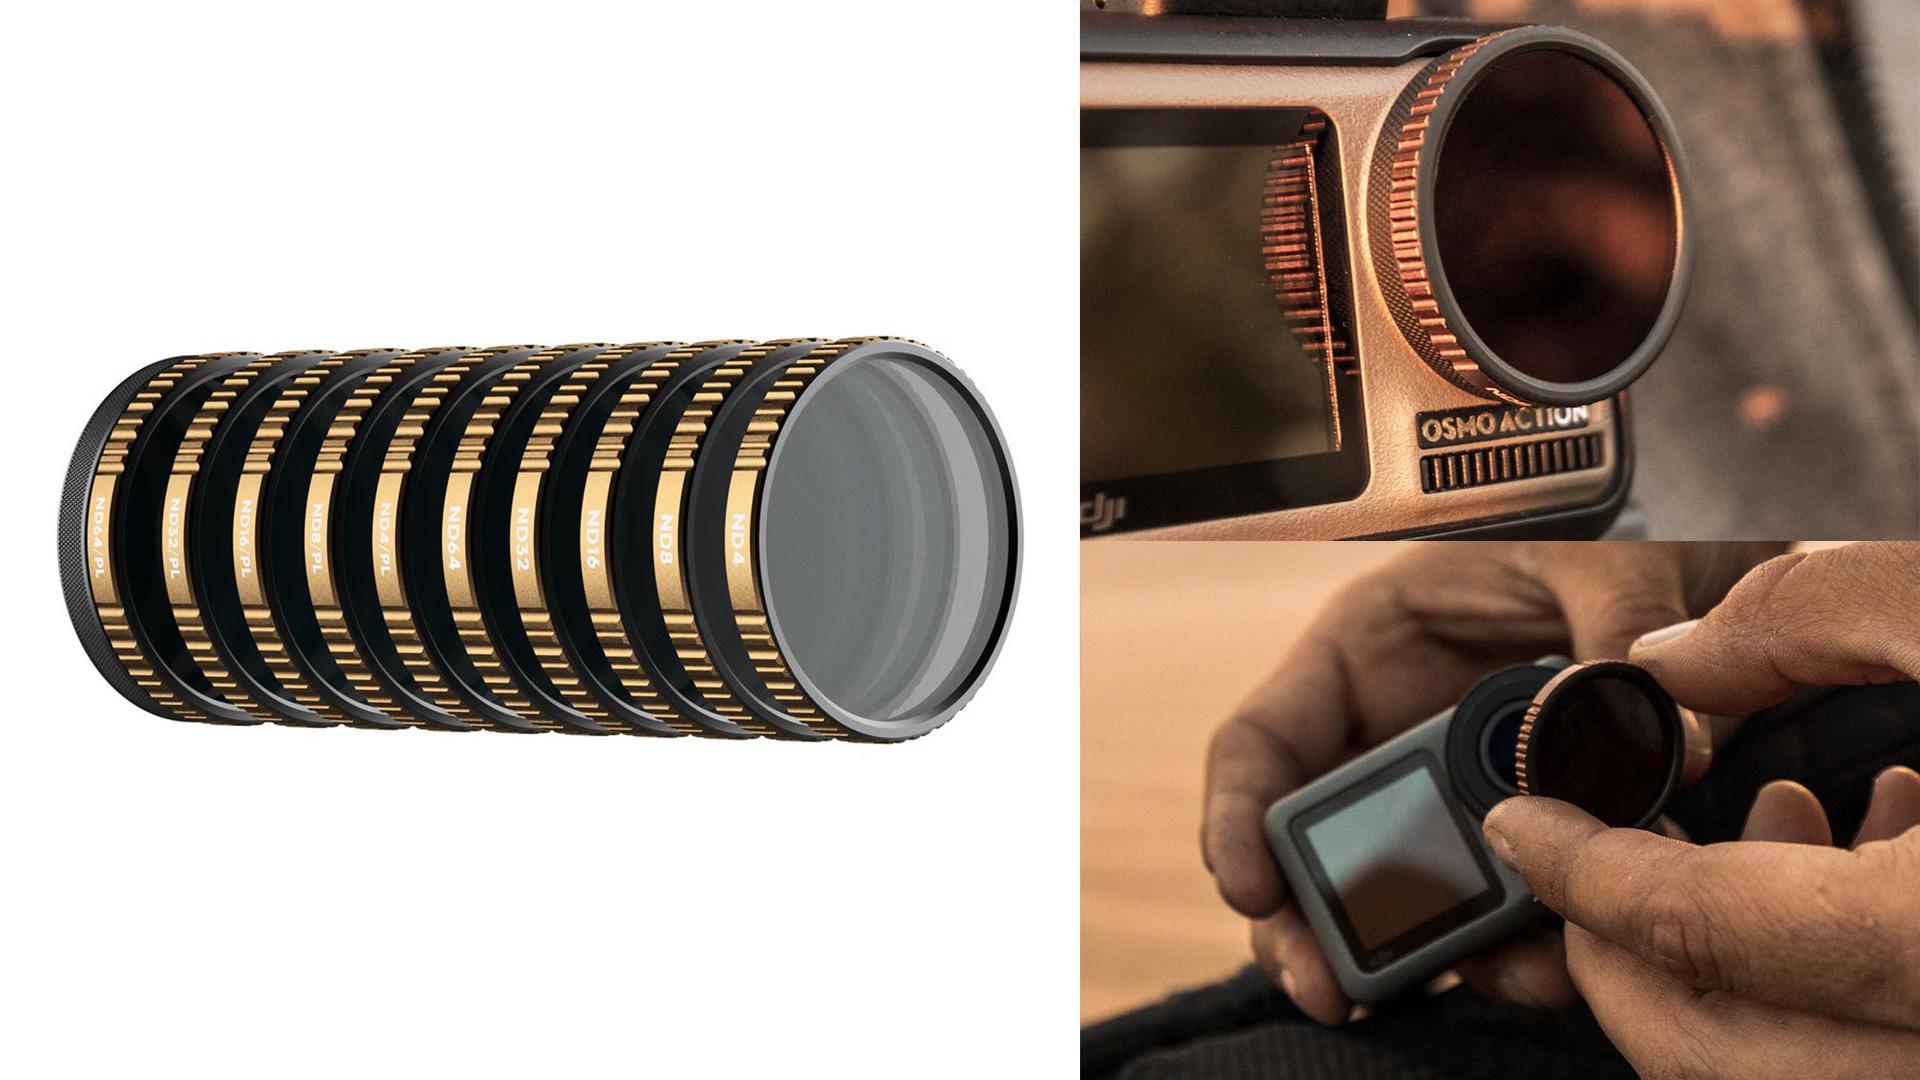 Colección PolarPro Osmo Action - NDs y Polarizadores para la cámara DJI Osmo Action